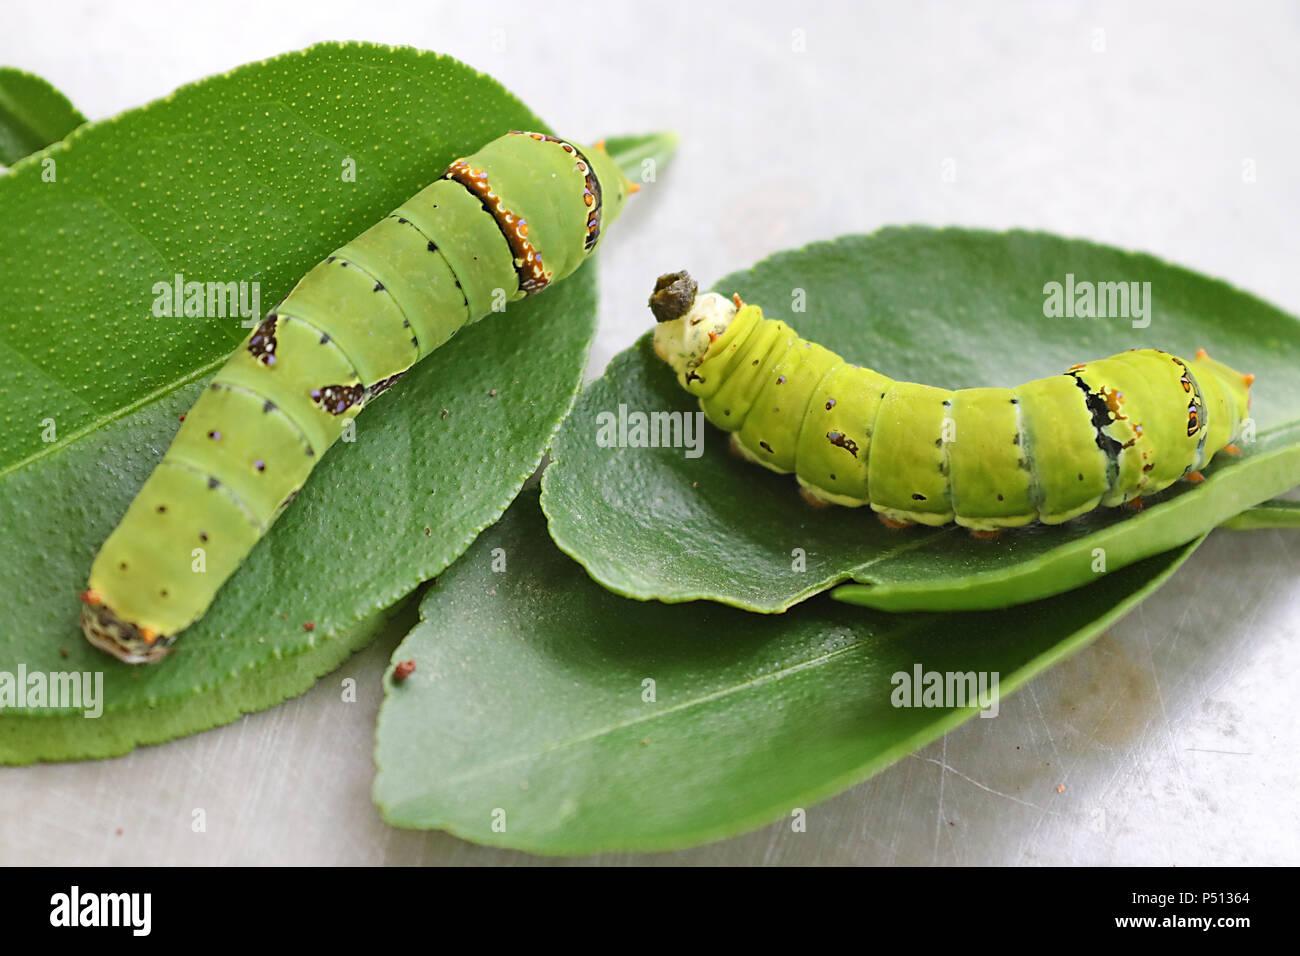 Diversi morph del quinto calce instar bruchi di farfalla Immagini Stock